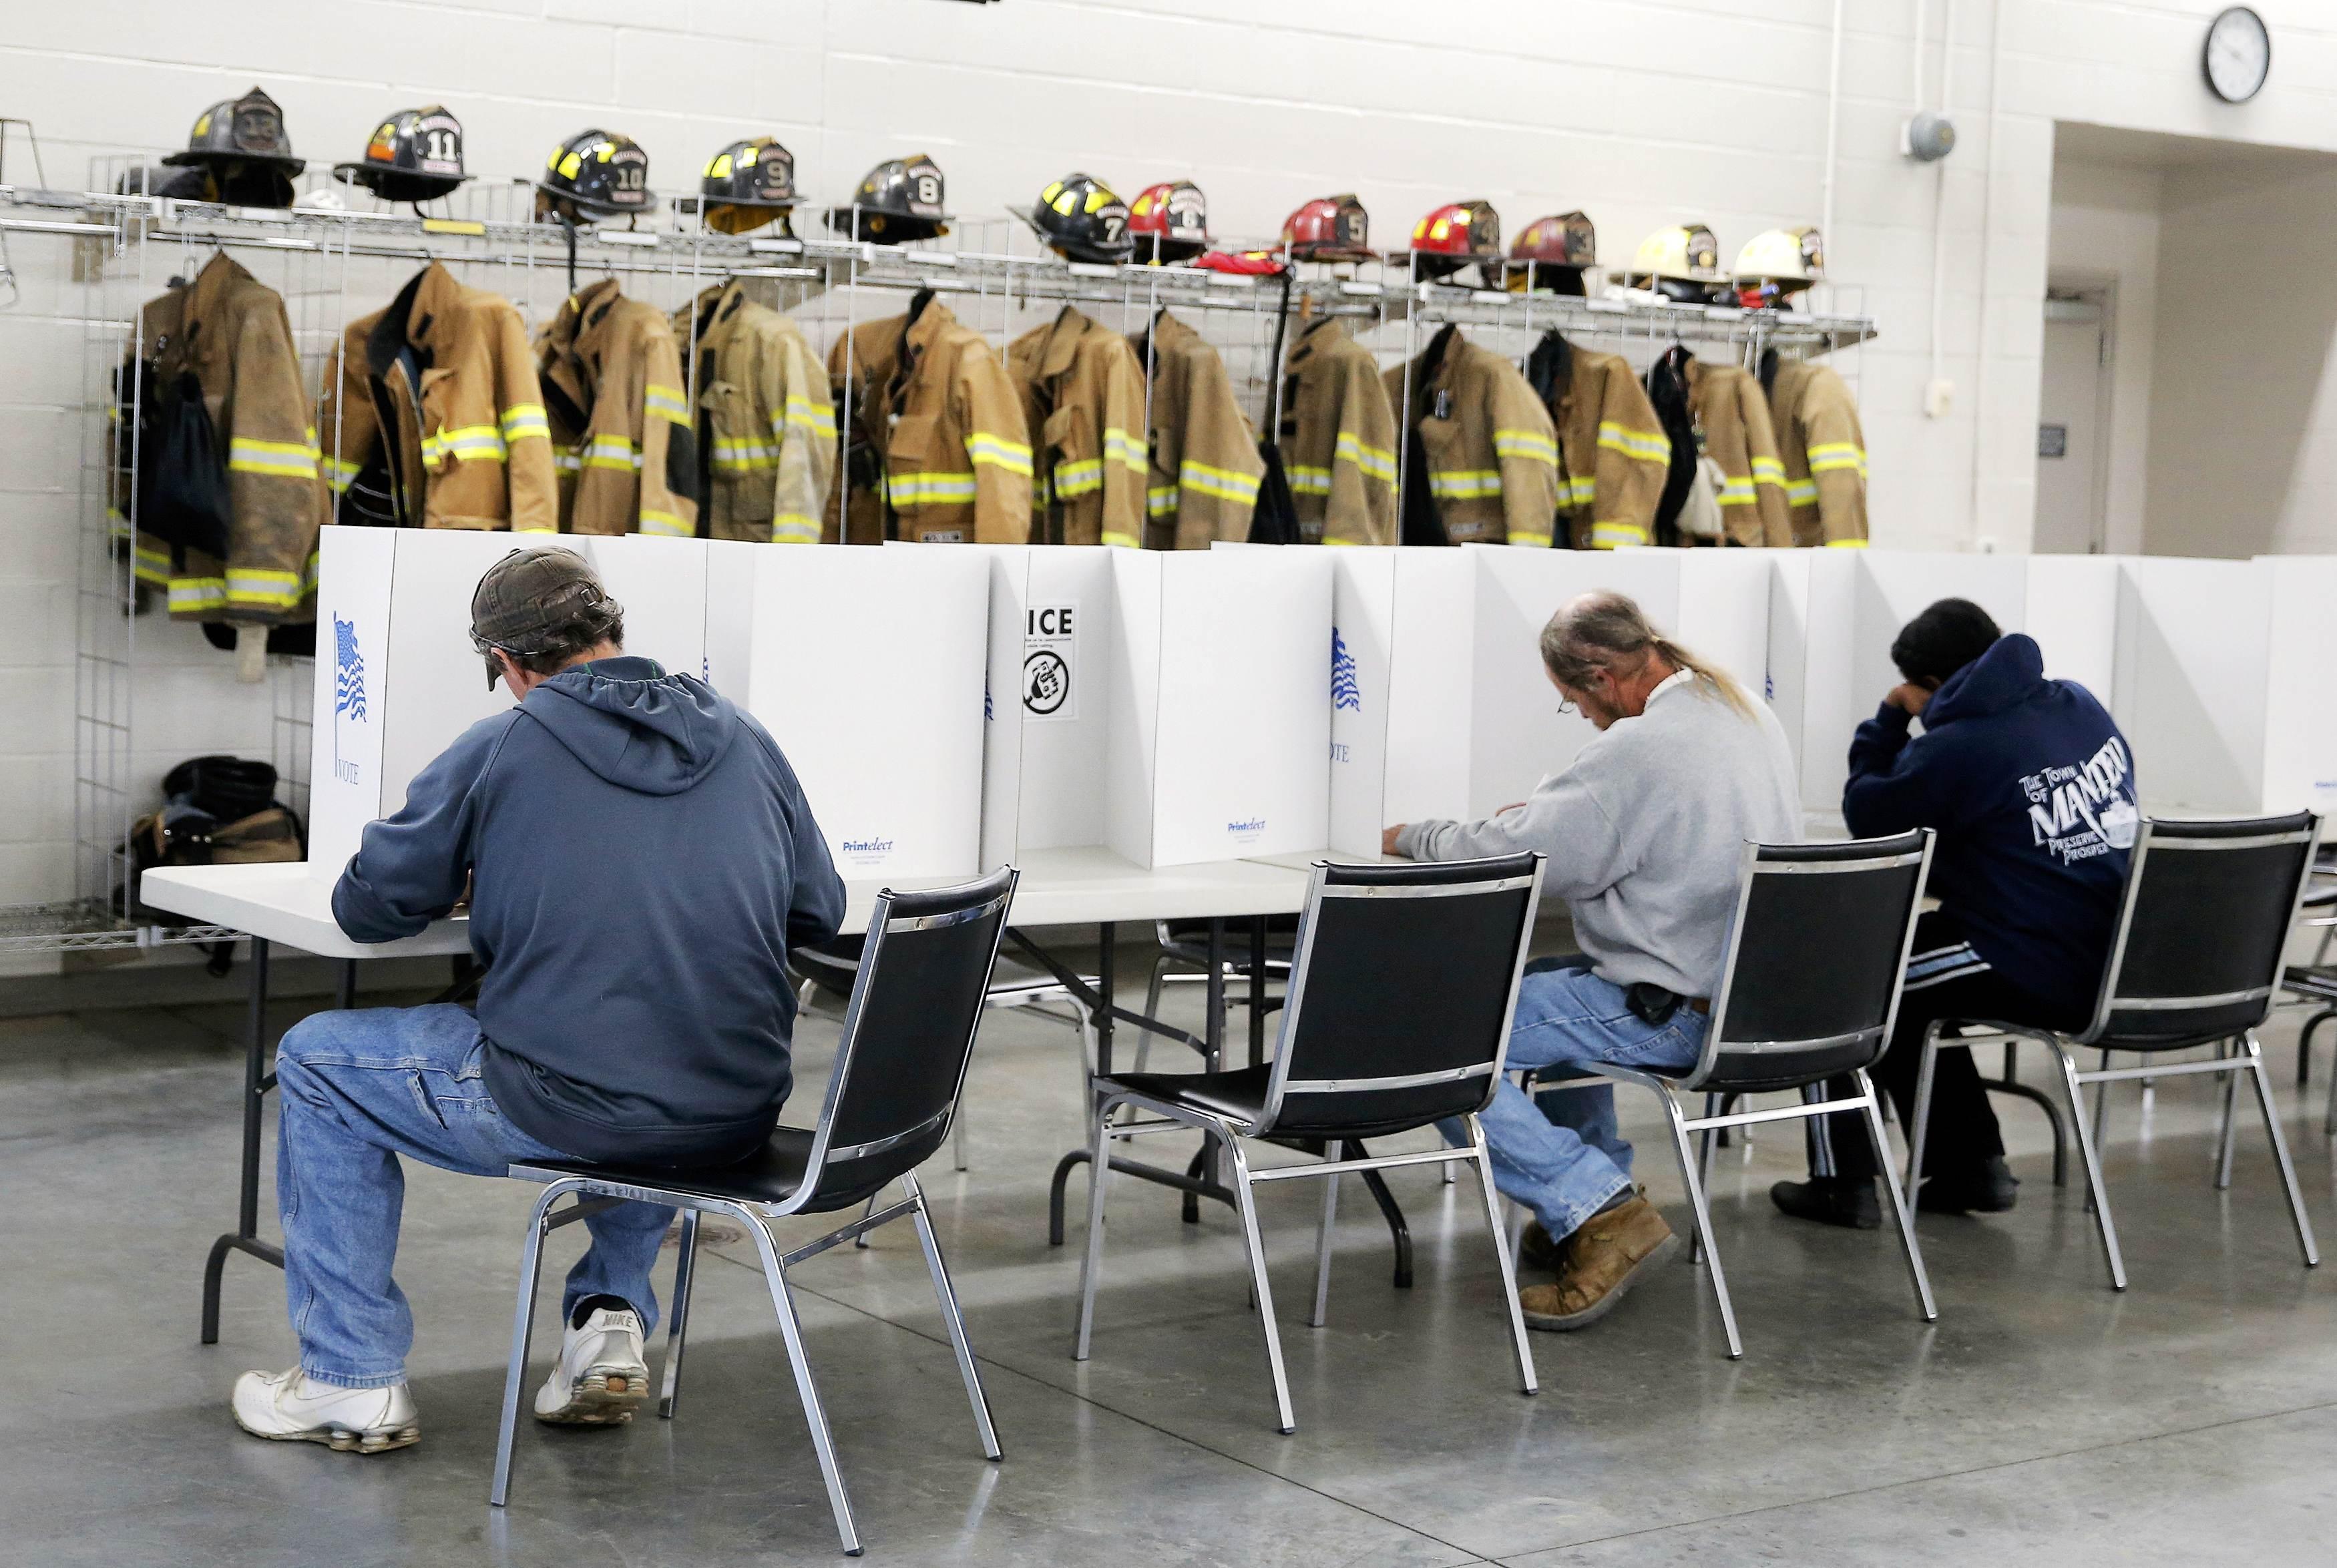 Из-за подгоревшего тоста сучастка вКалифорнии эвакуировали 200 избирателей